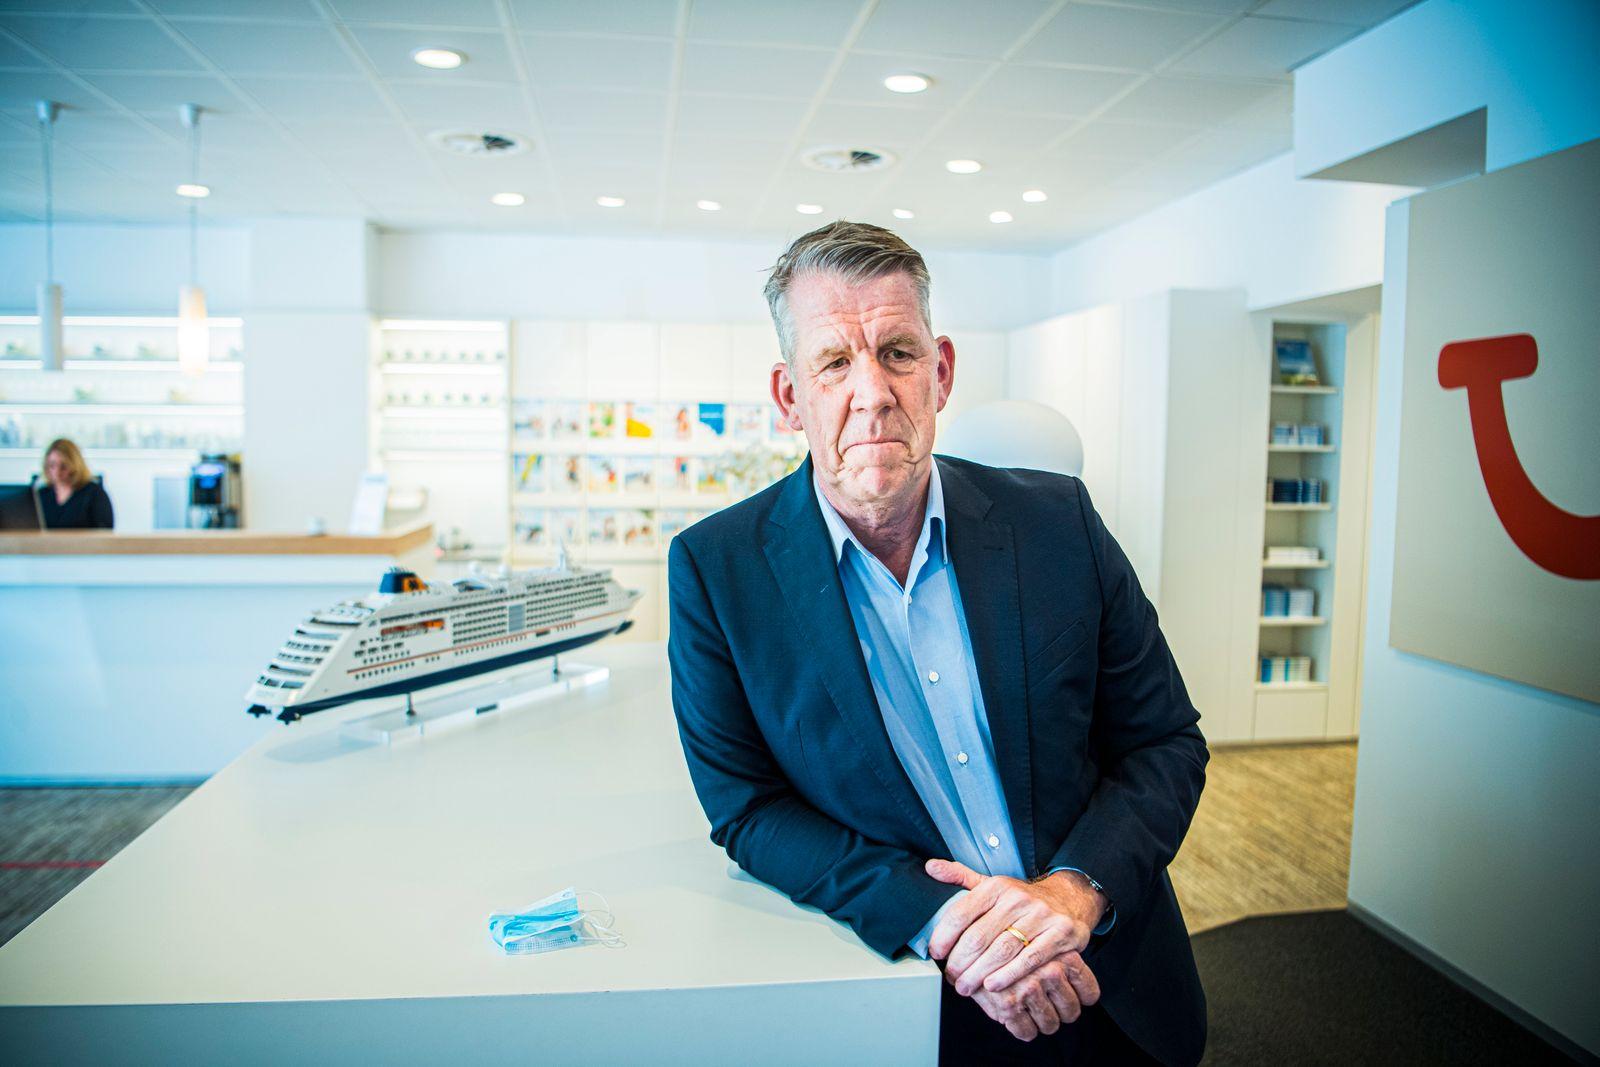 Tui-Chef Friedrich Joussen